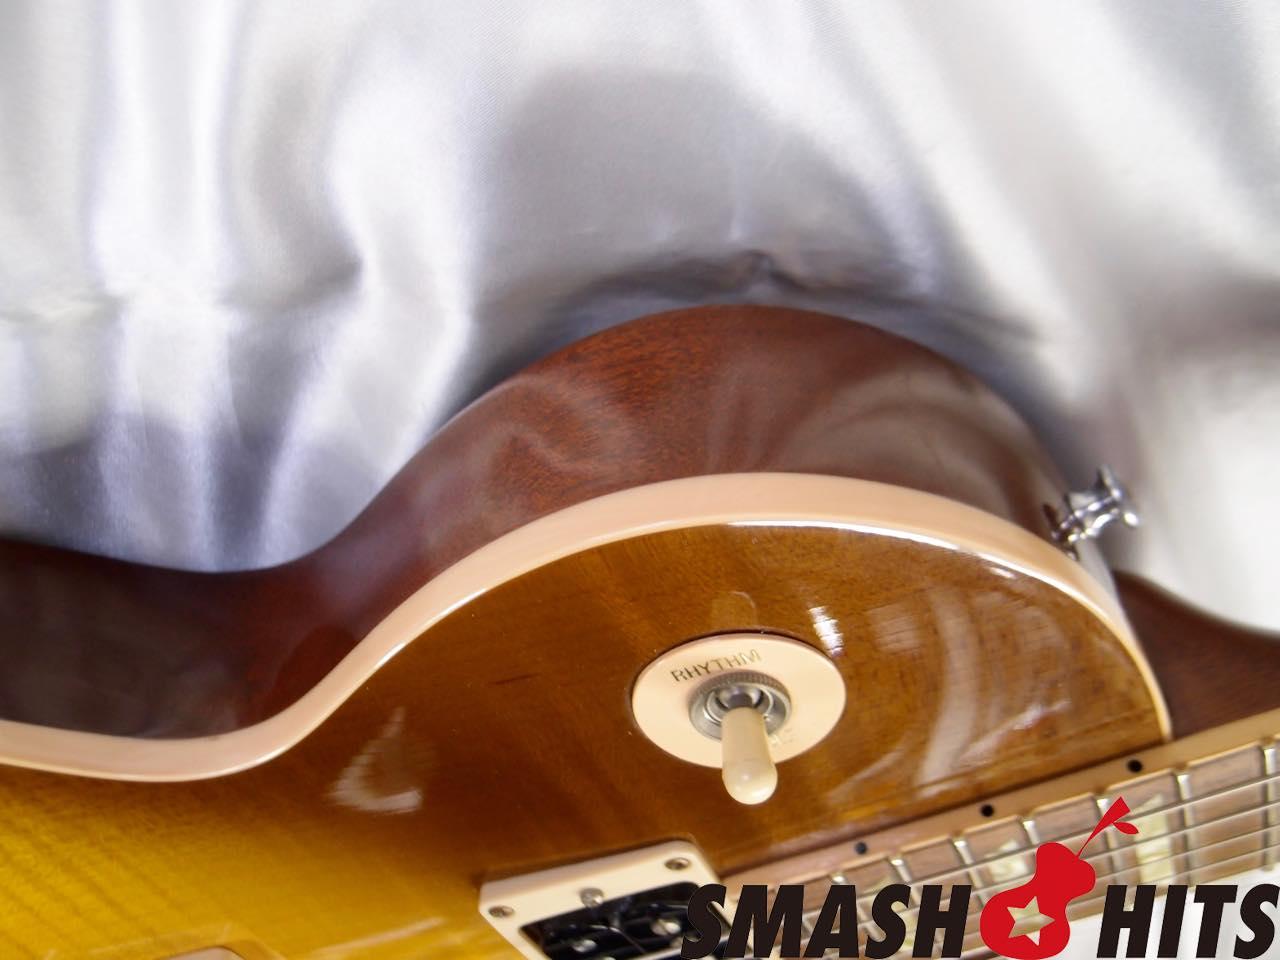 Gibson 2001 Les Paul Classic Plus Hb Smash☆hits おがちゃんの部屋♪♪